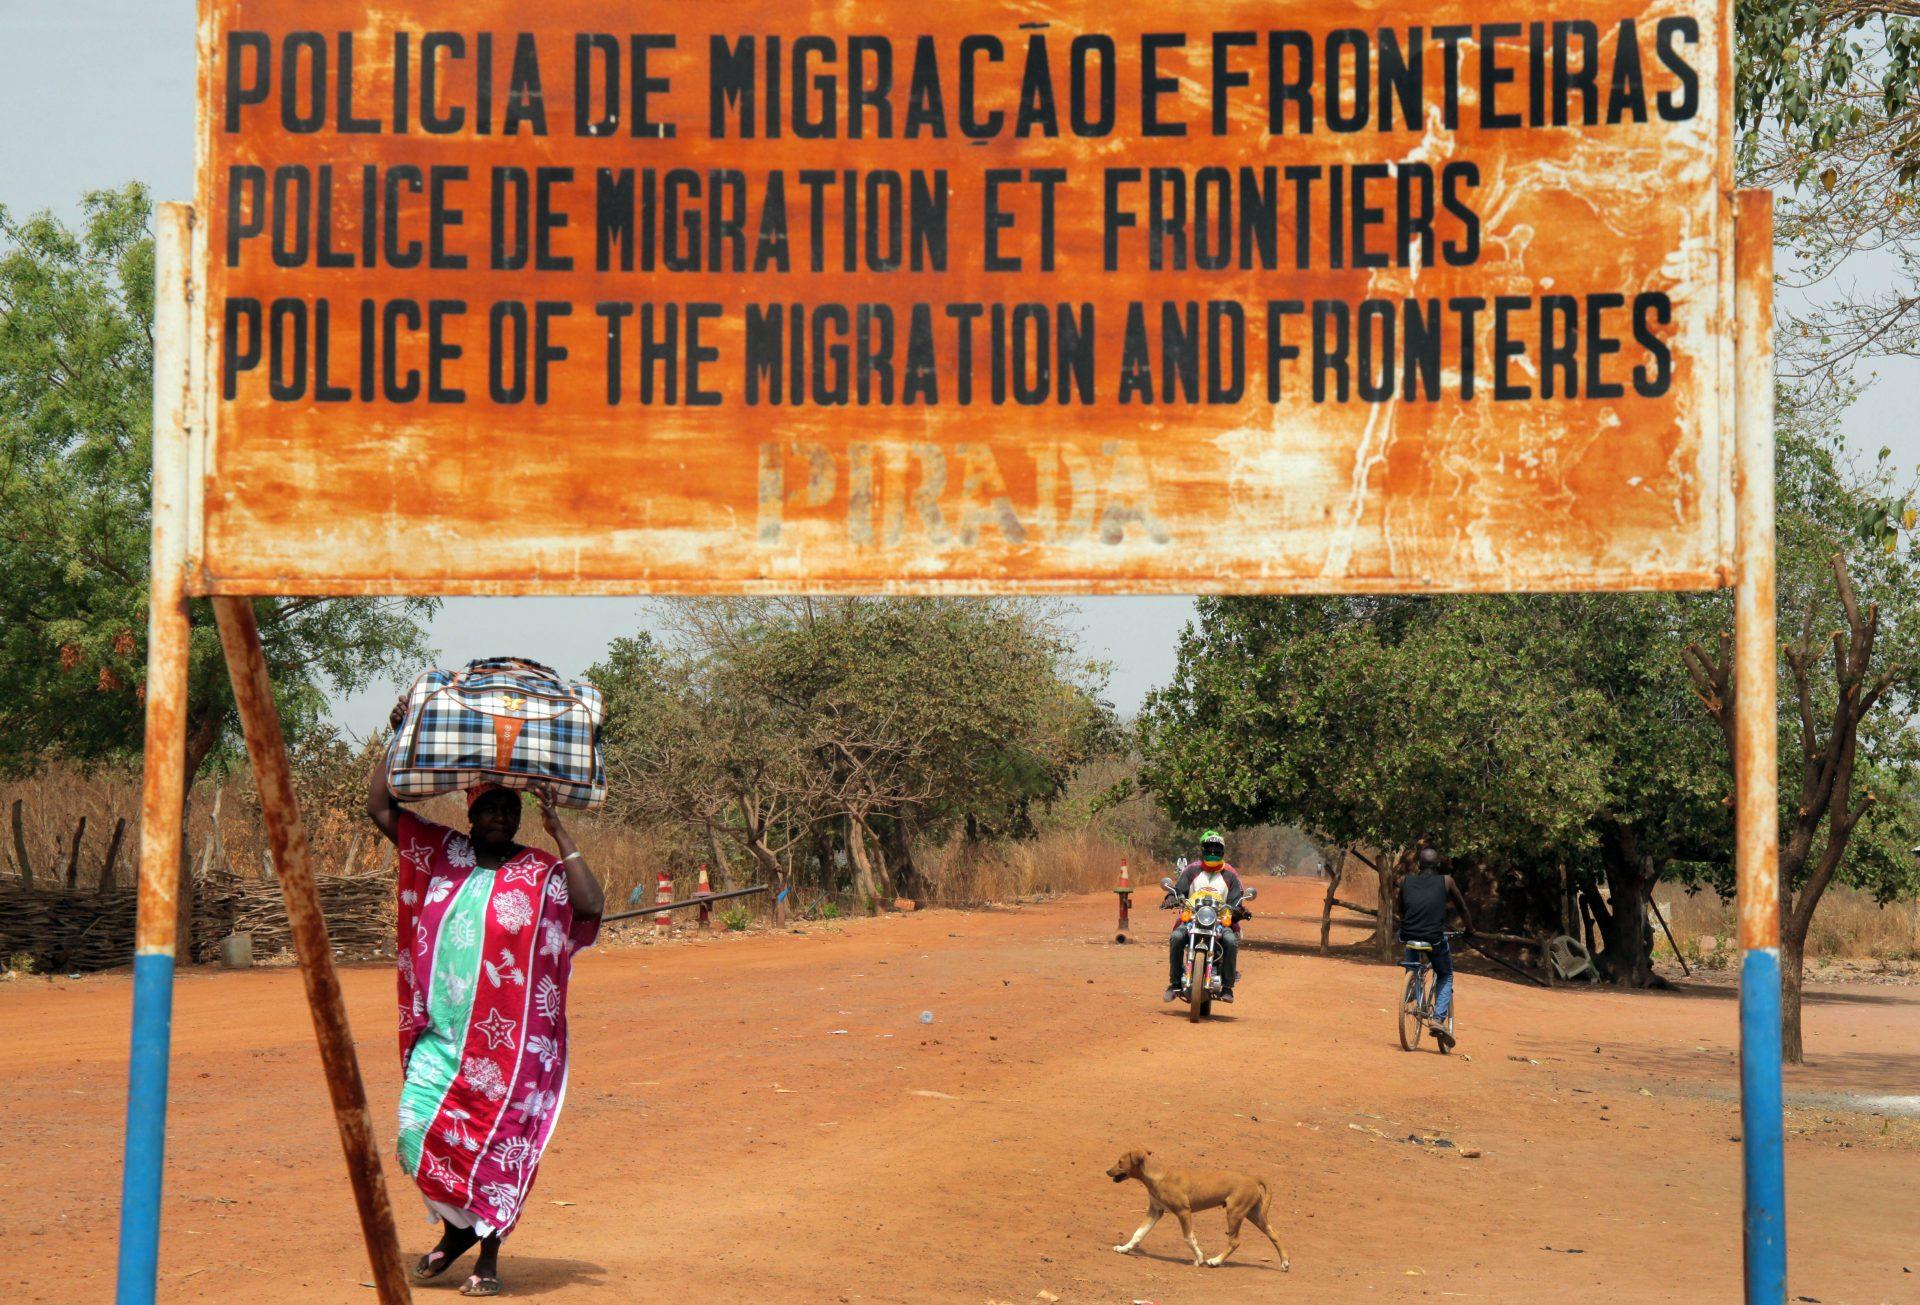 Linha de fronteira de Pirada, Guiné-Bissau, 26 de fevereiro de 2016. LUIS FONSECA/LUSA